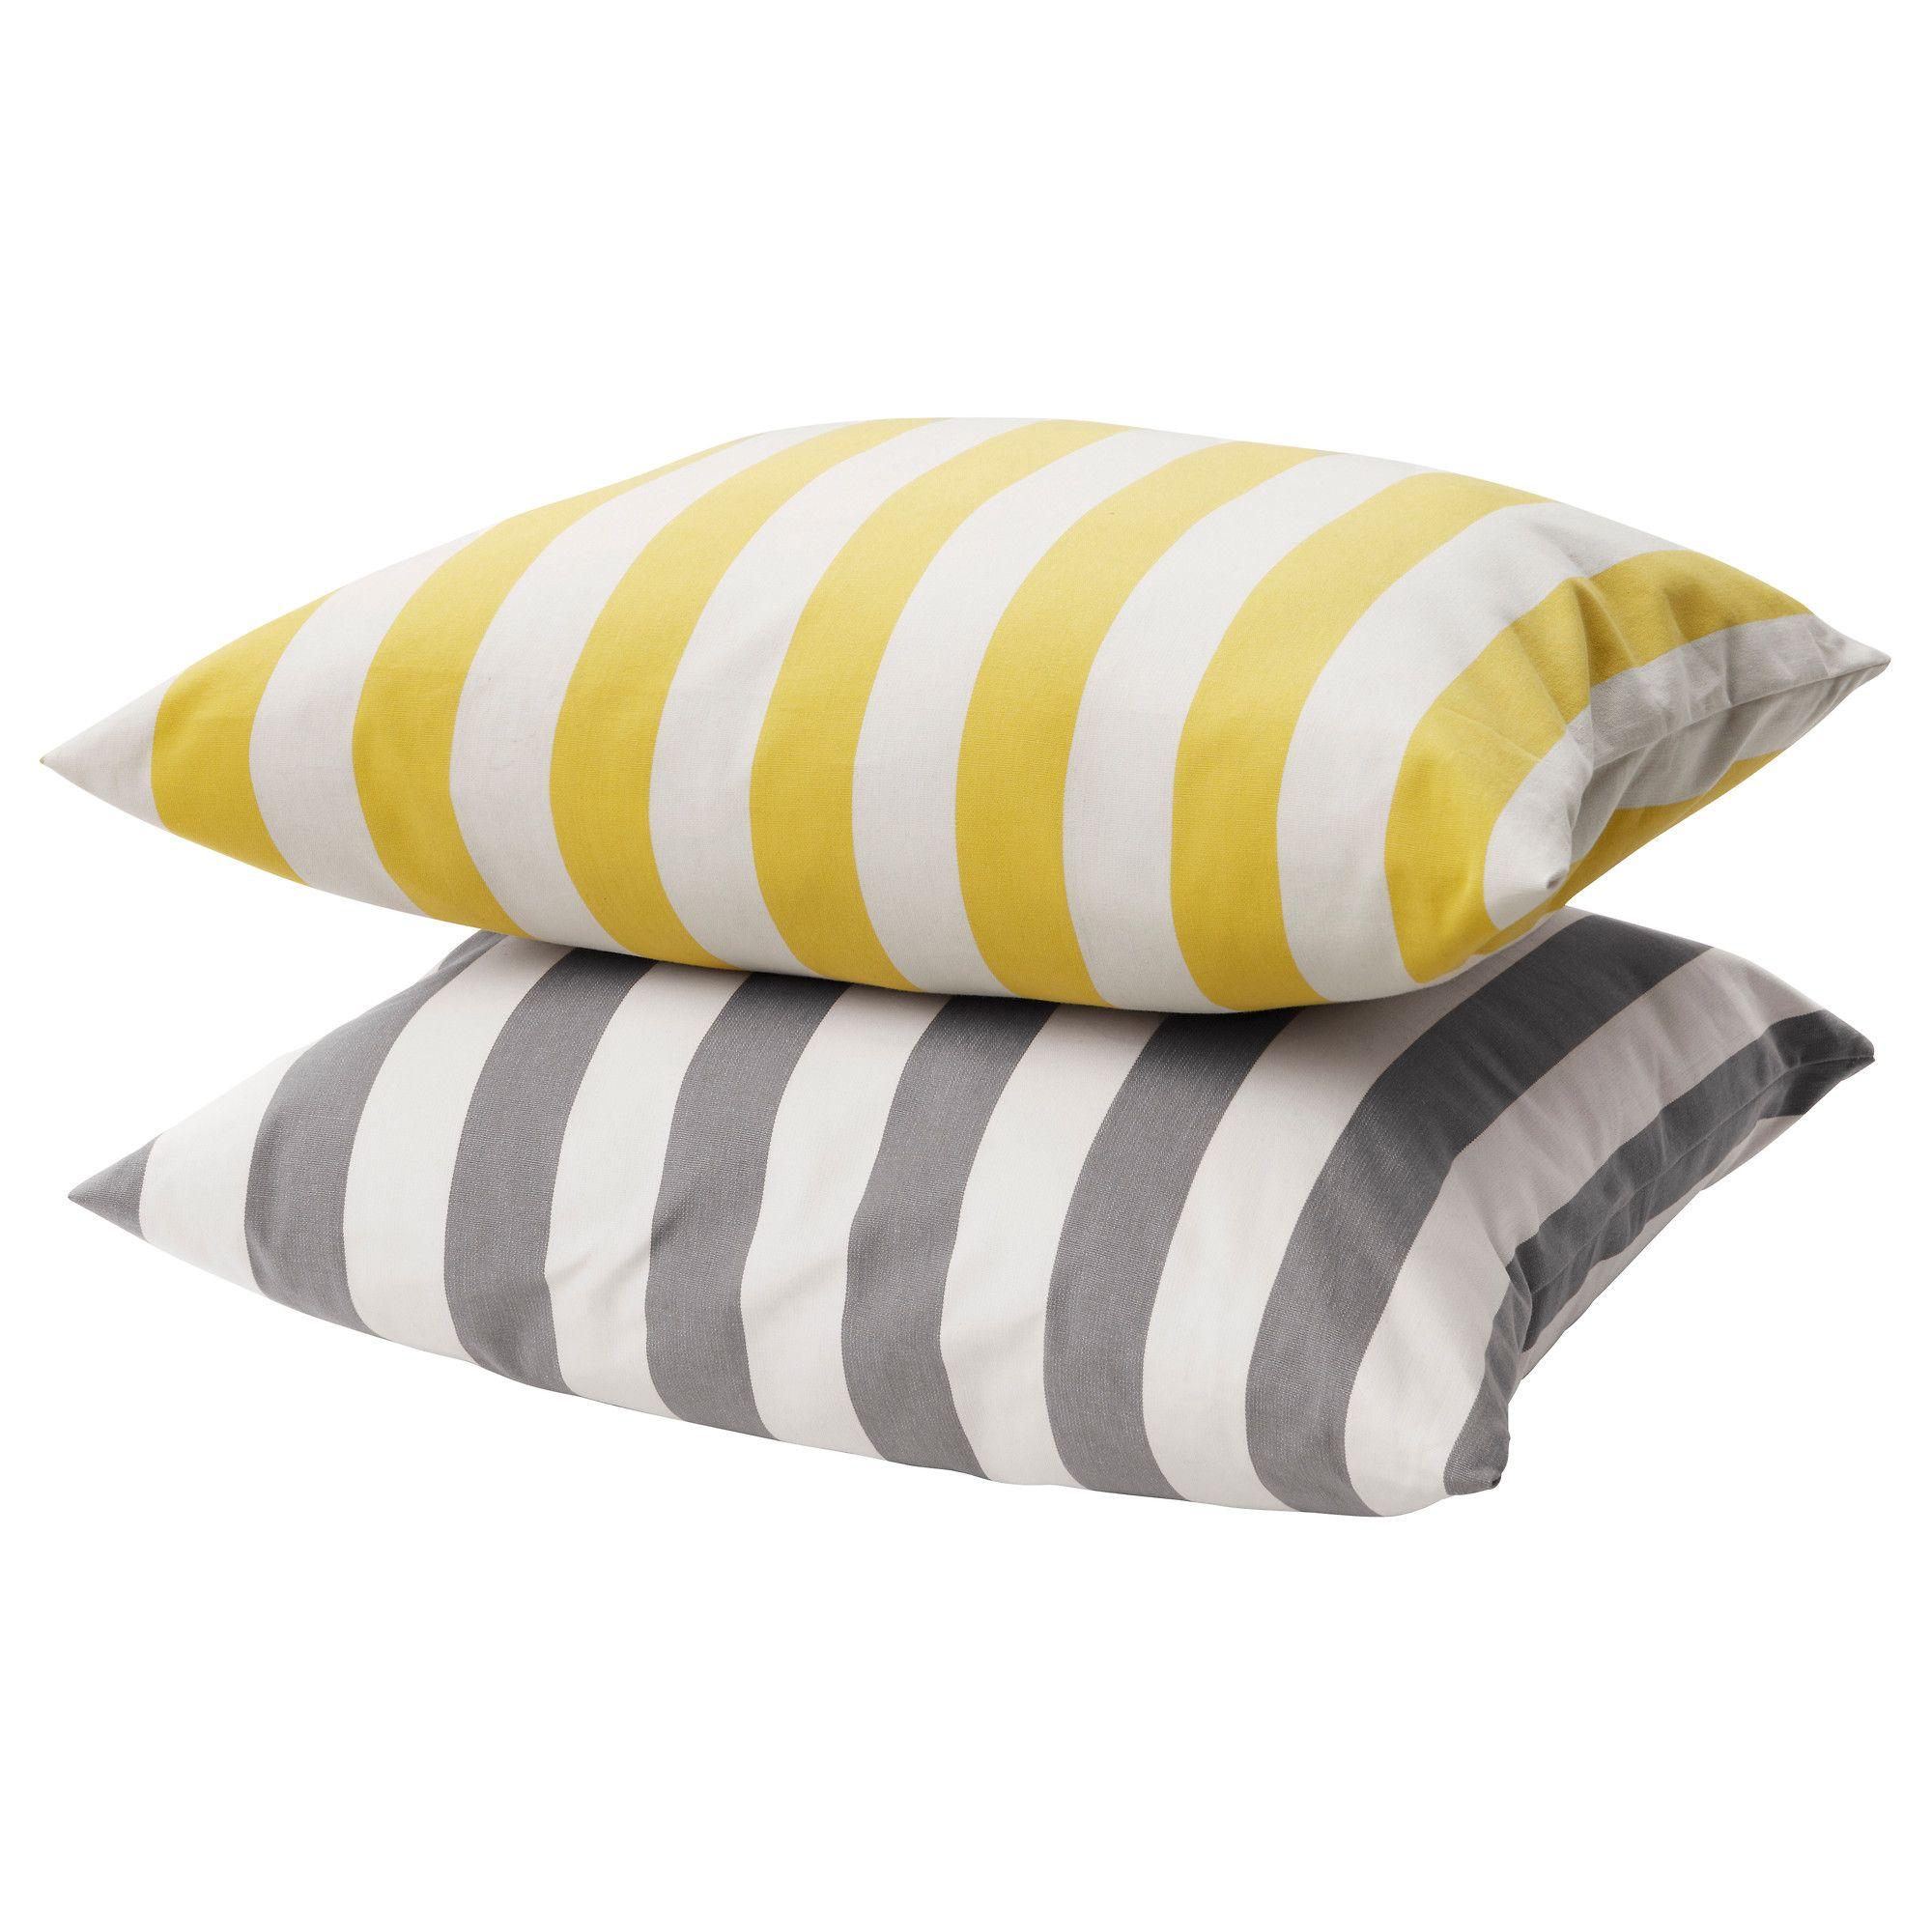 GrenÖ Cushion Striped In Lemon Or Grey Ikea